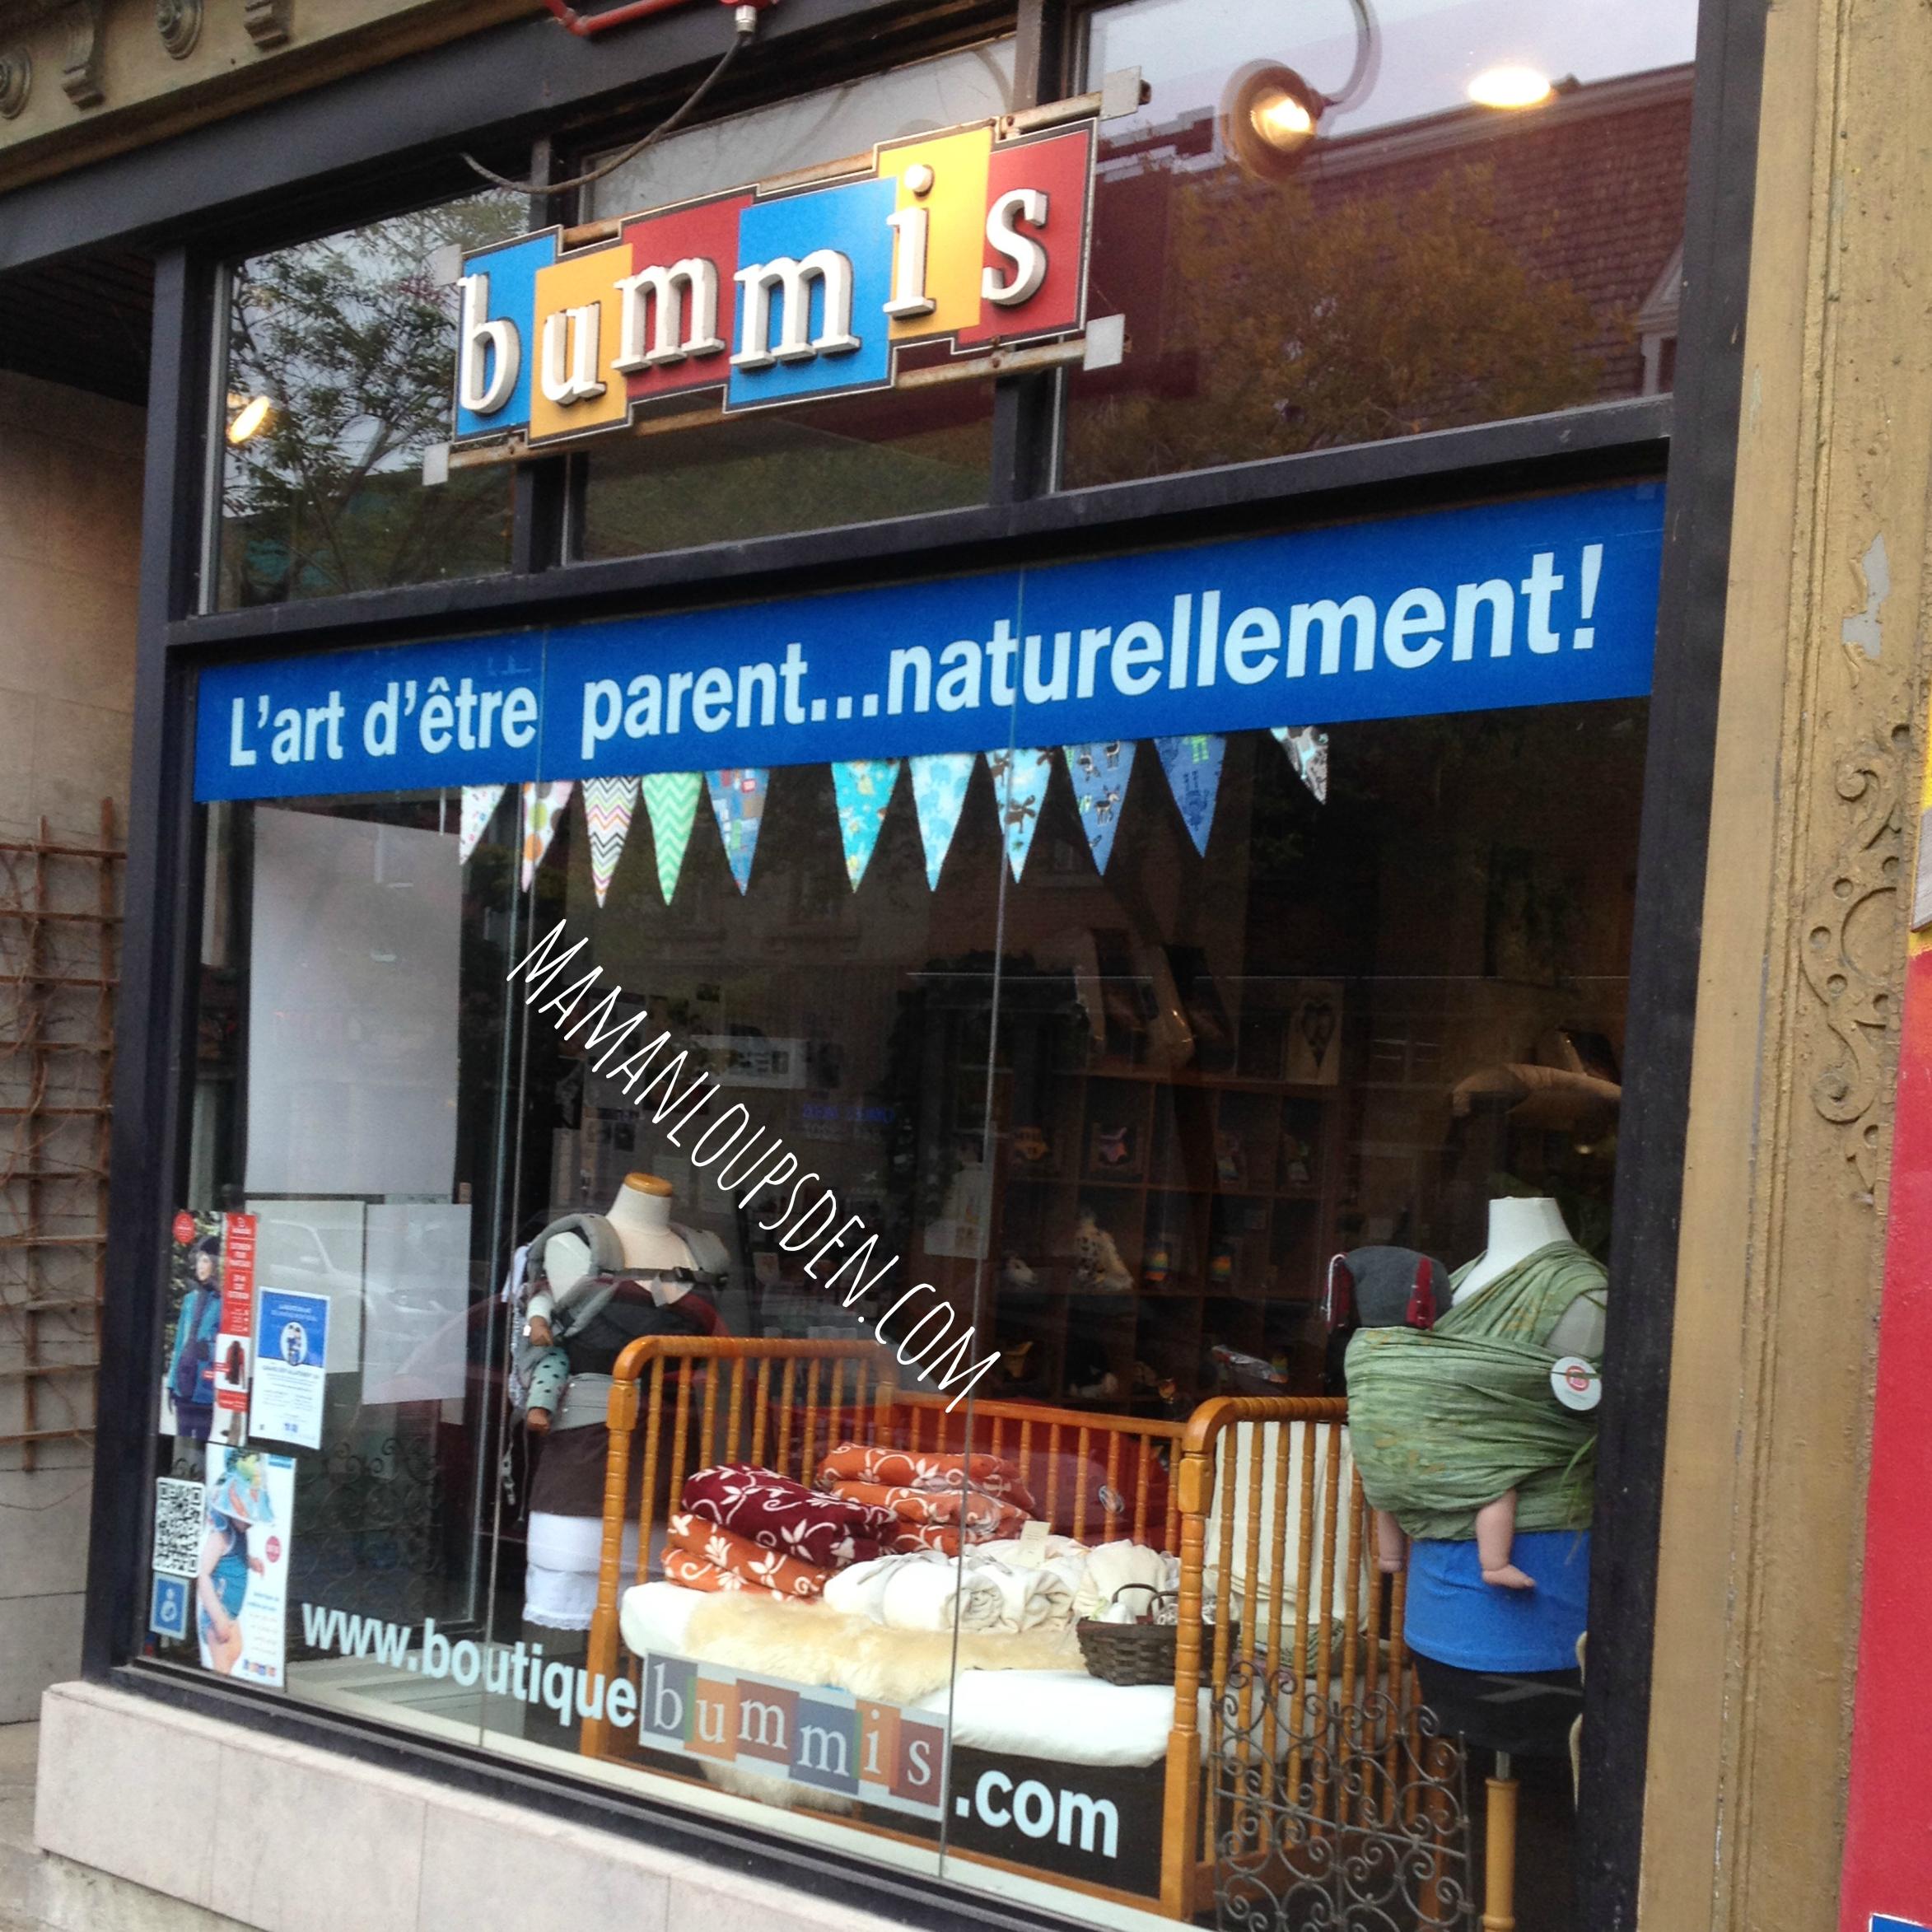 boutique bummis